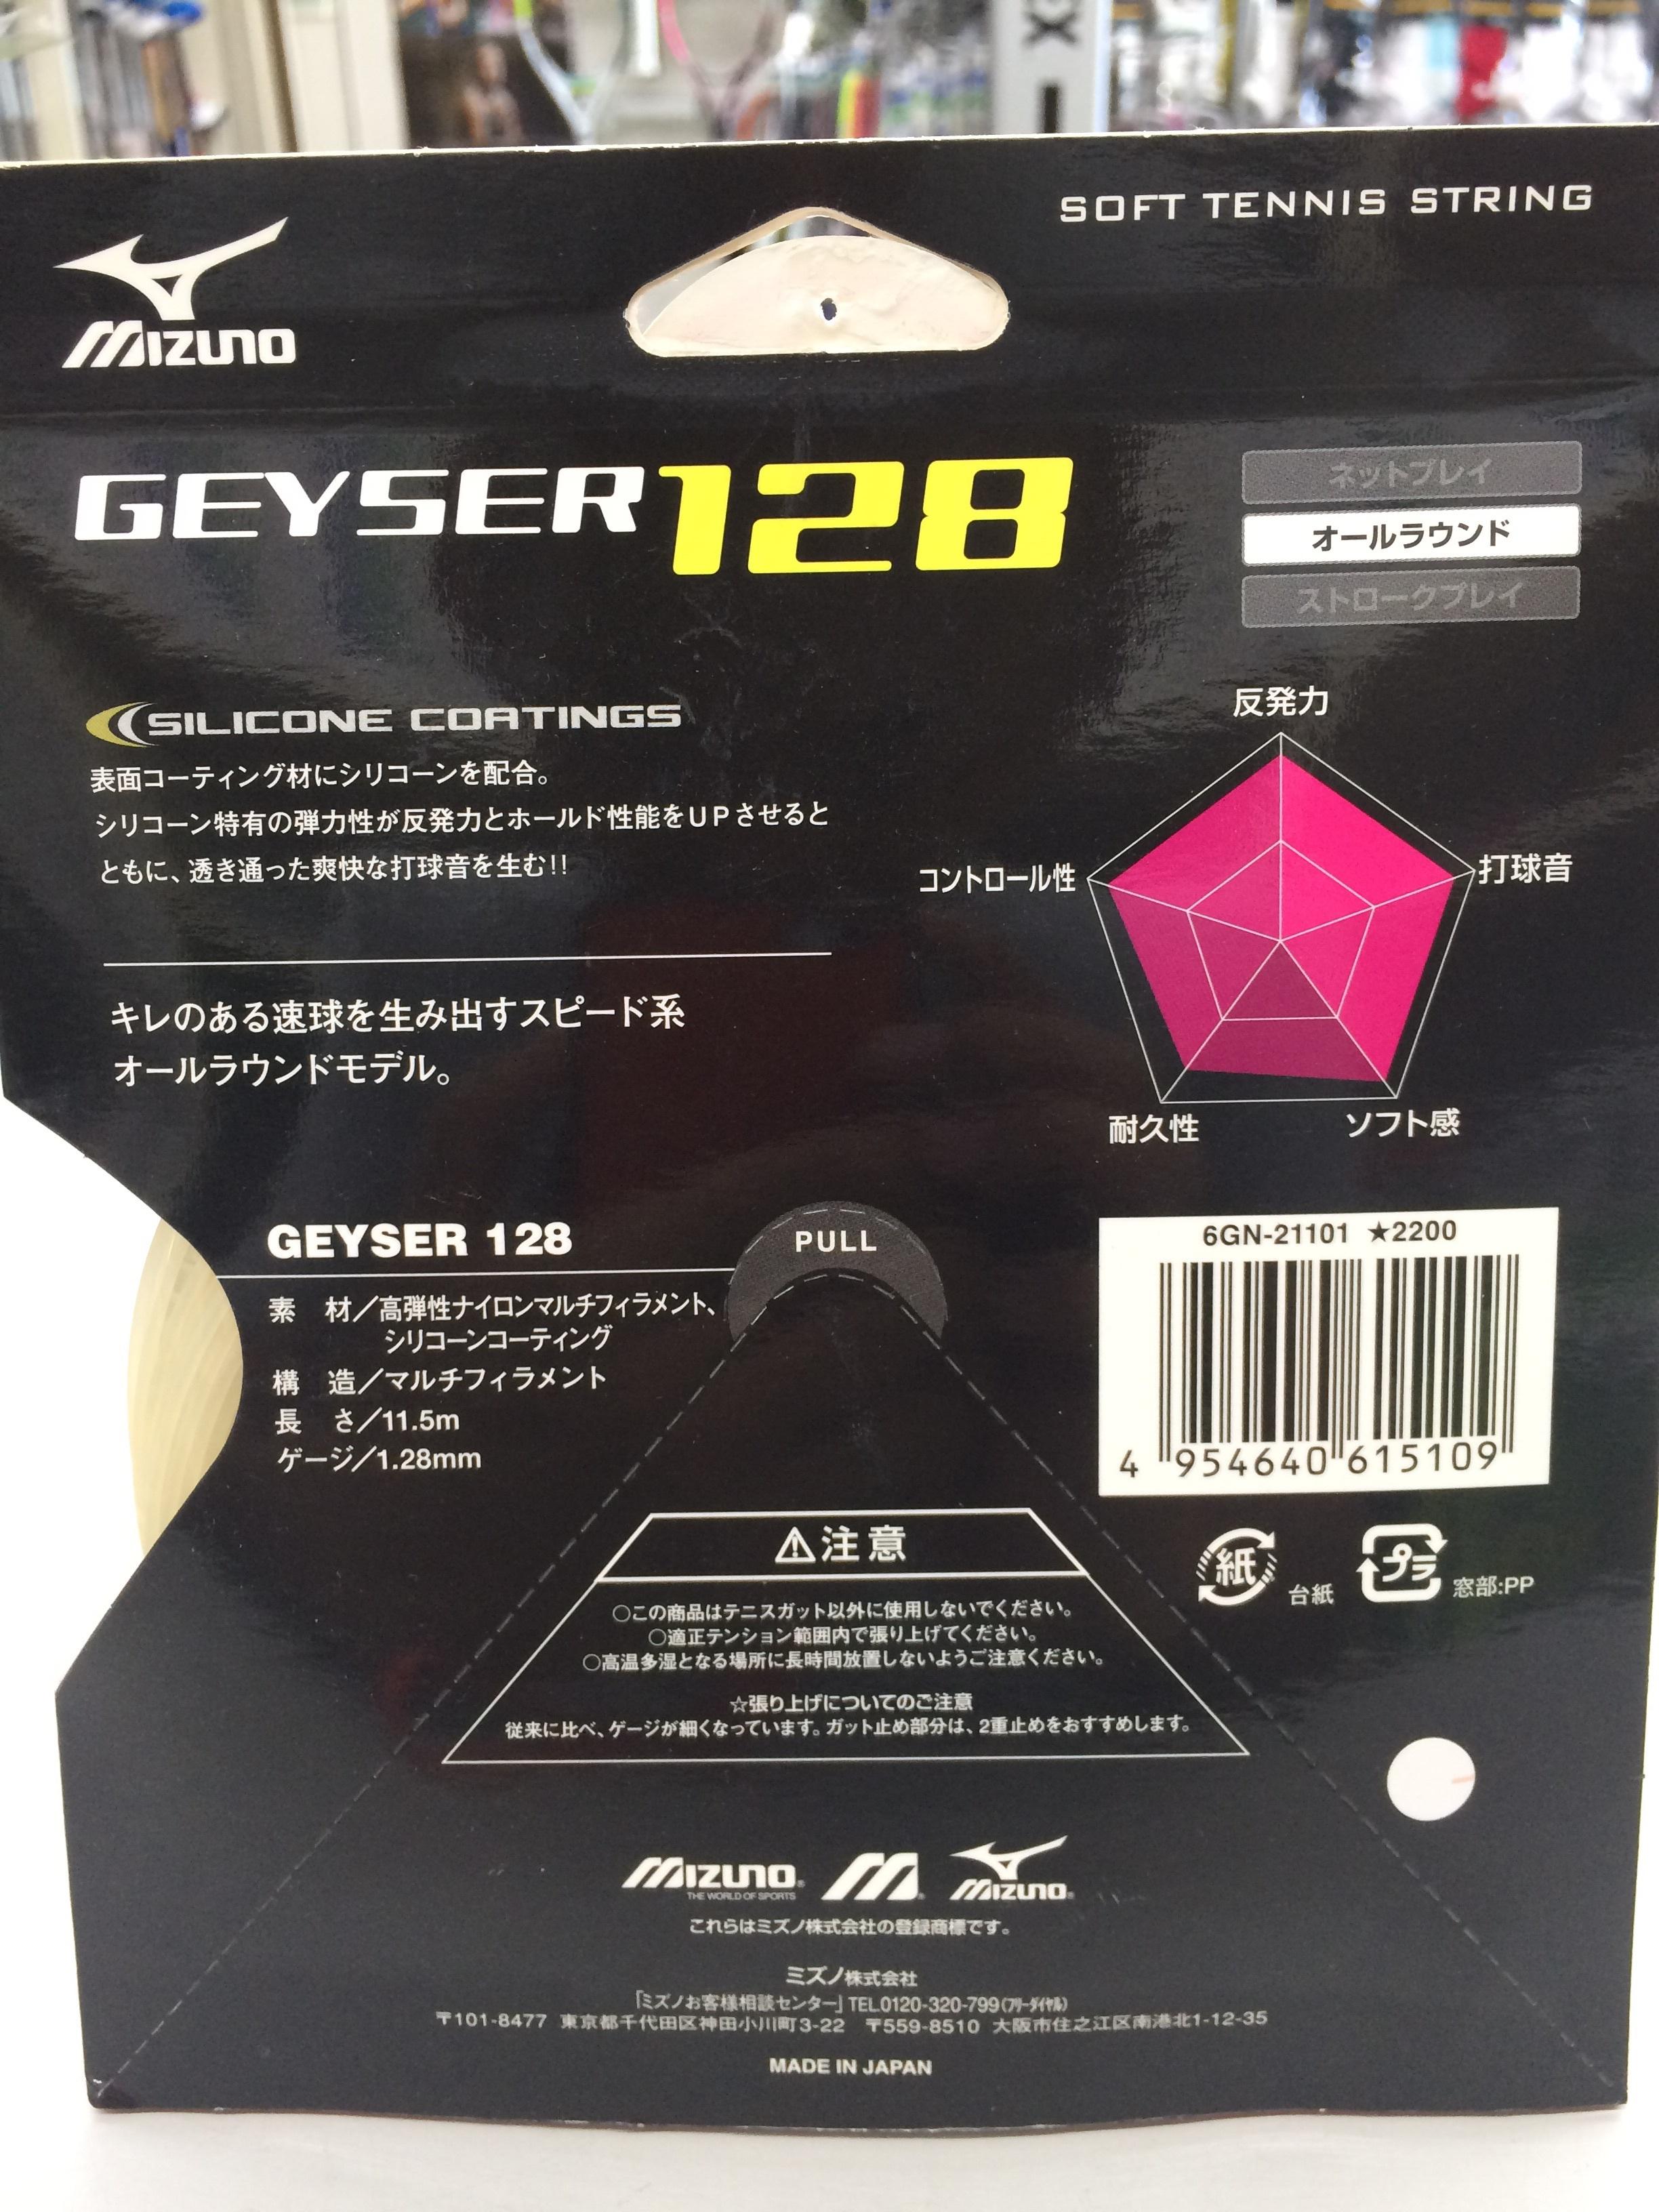 ミズノ GEYSER128  - 画像2